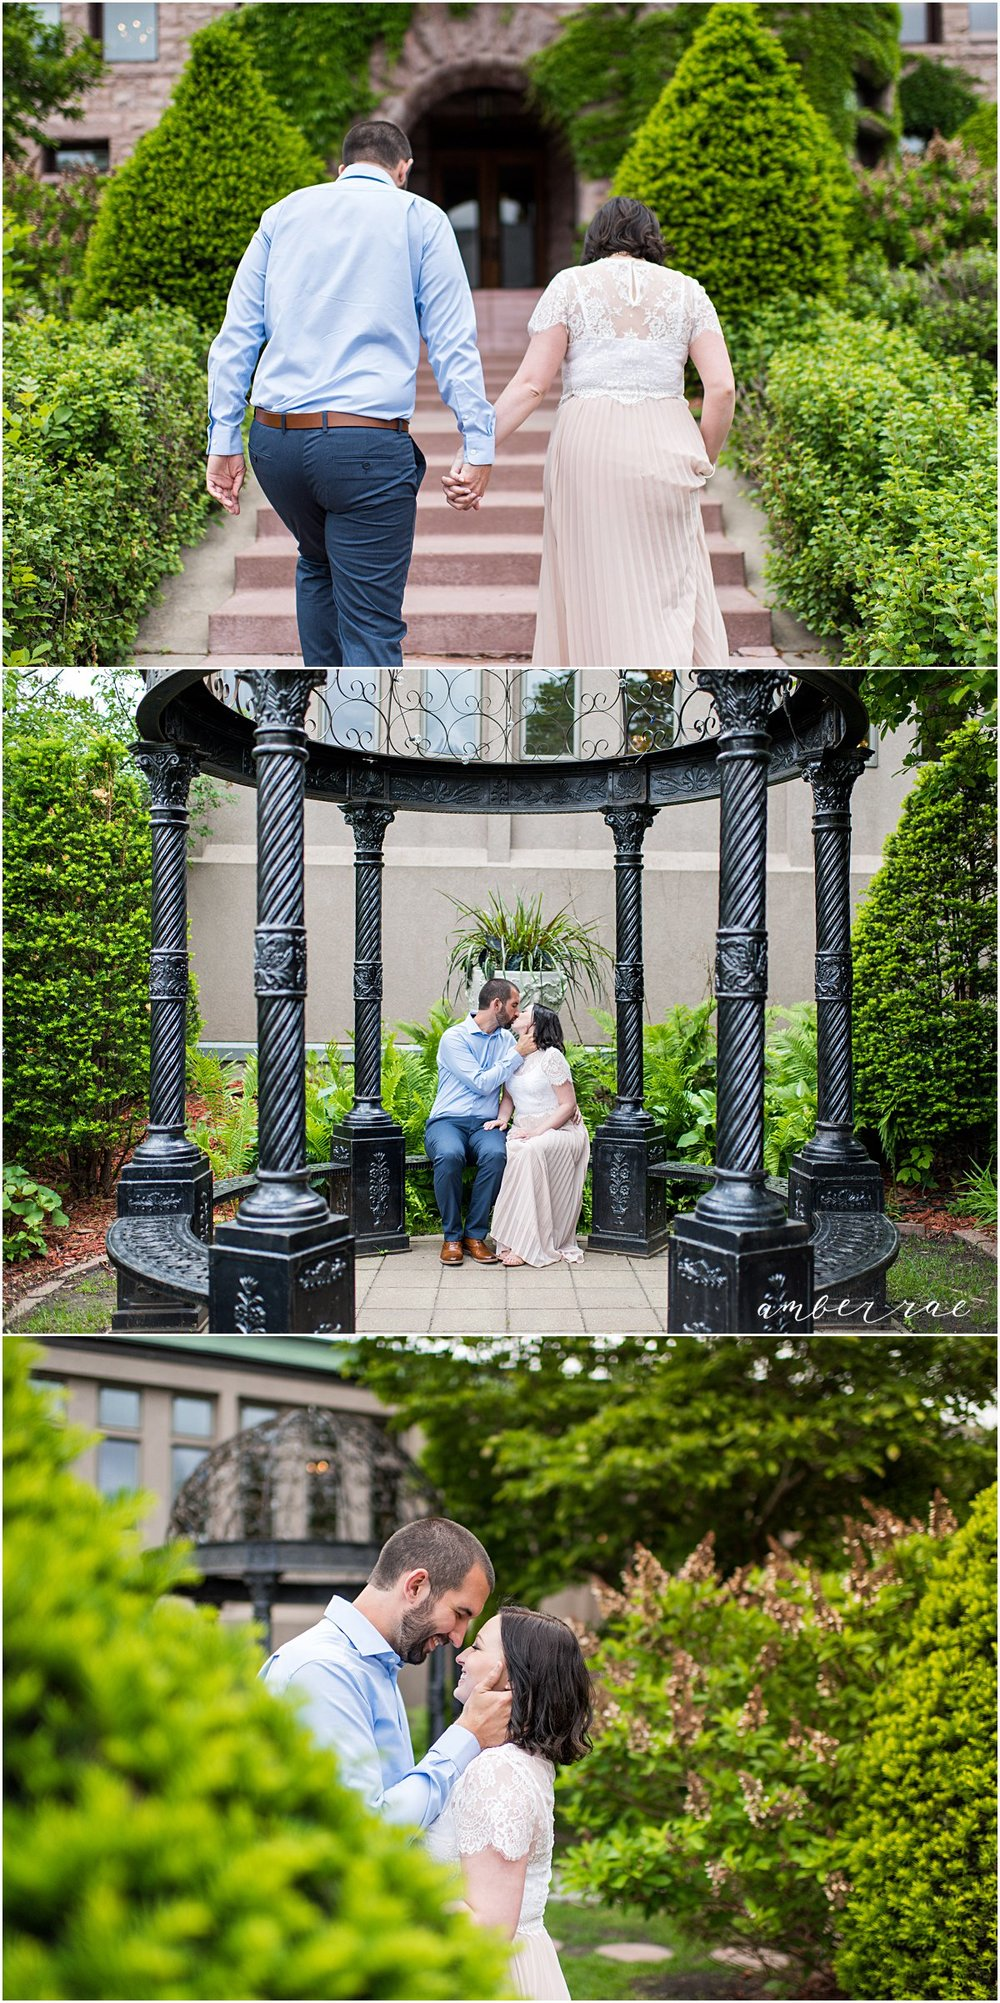 Chris + Kira, Engaged | June 2018_0005.jpg